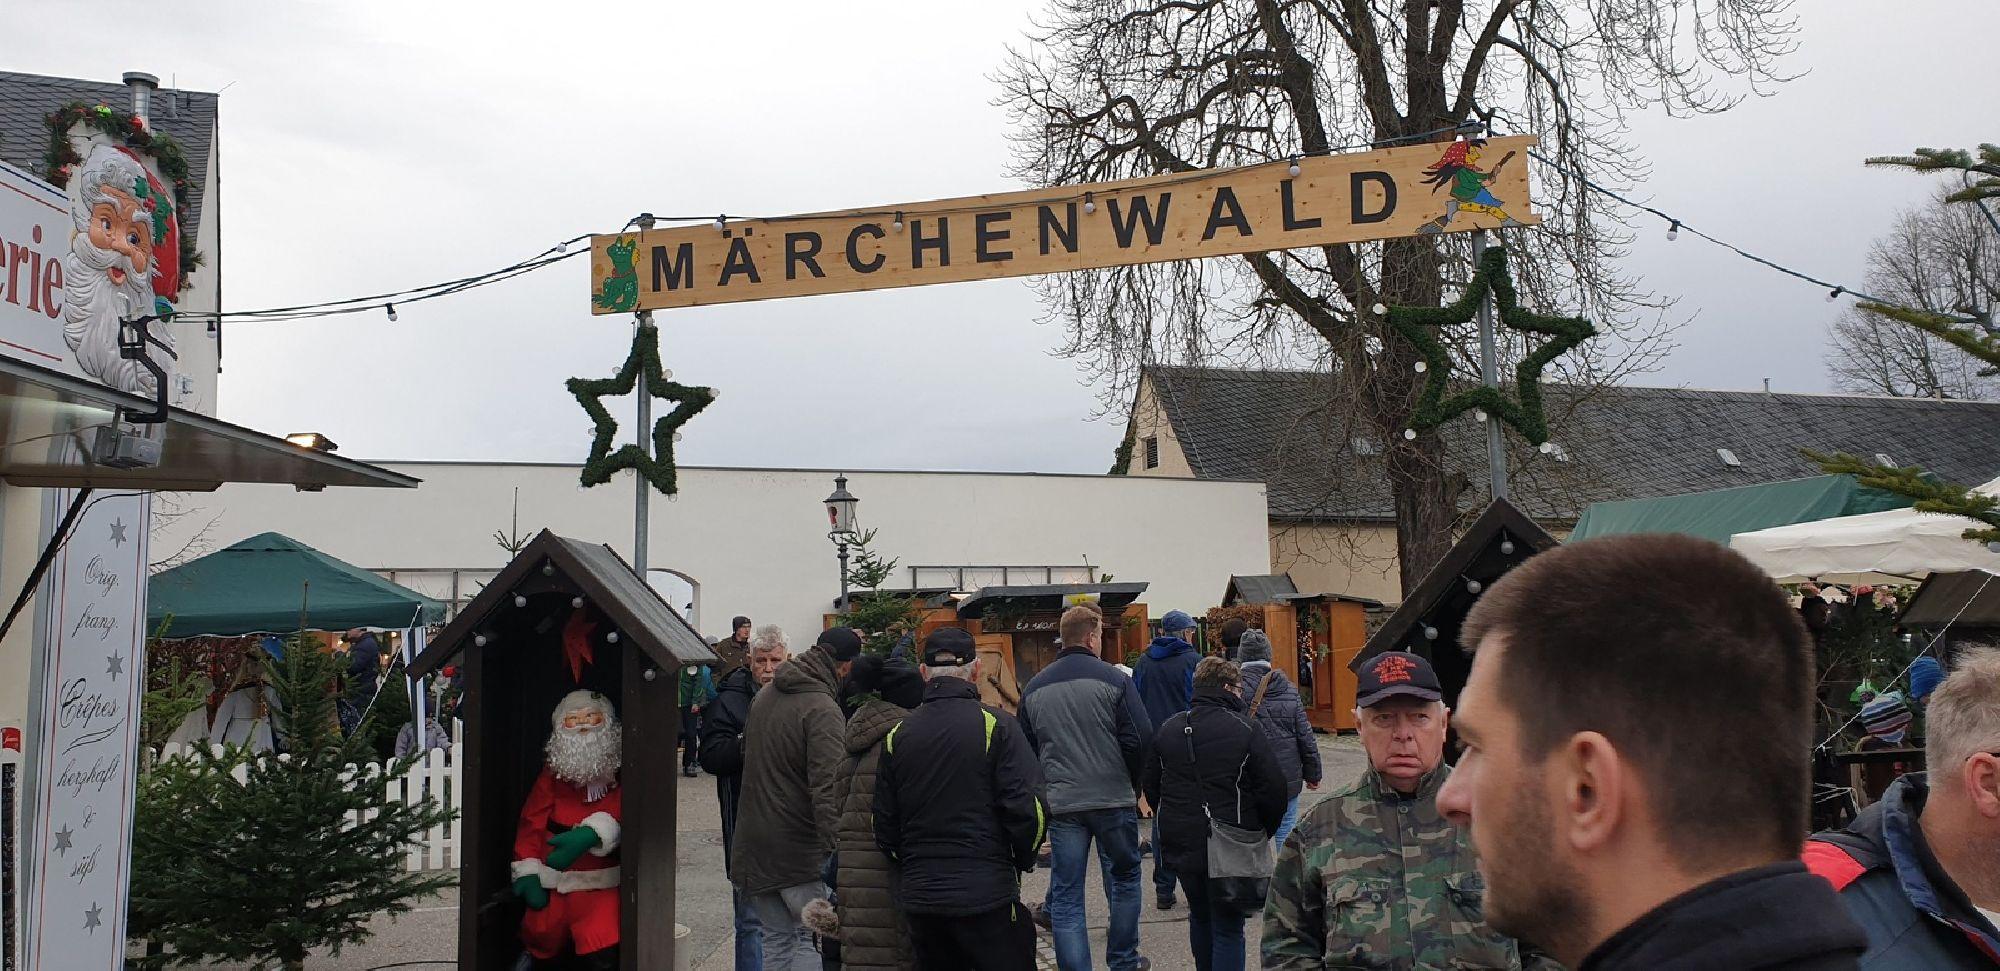 Märchenwald auf dem Zschopauer Weihnachtsmarkt